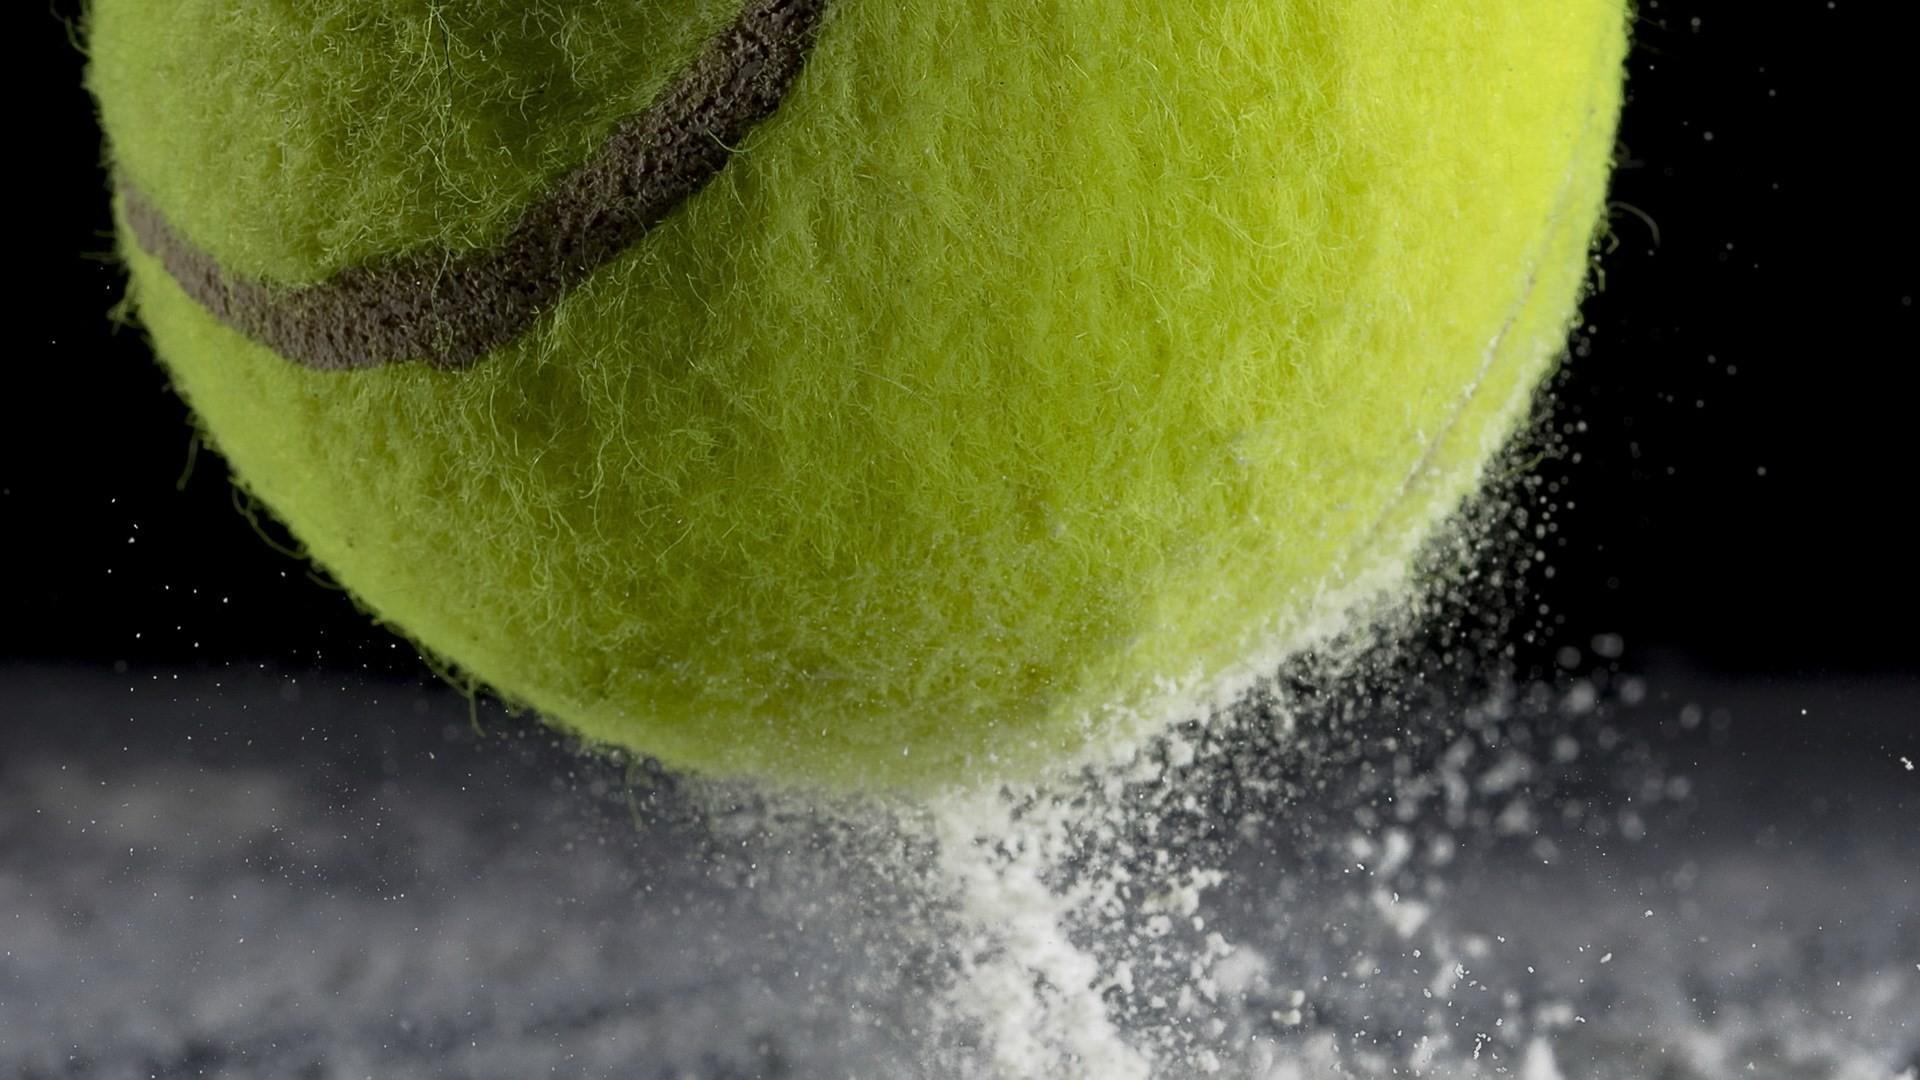 2017-03-26 – tennis backround to download, #1918053